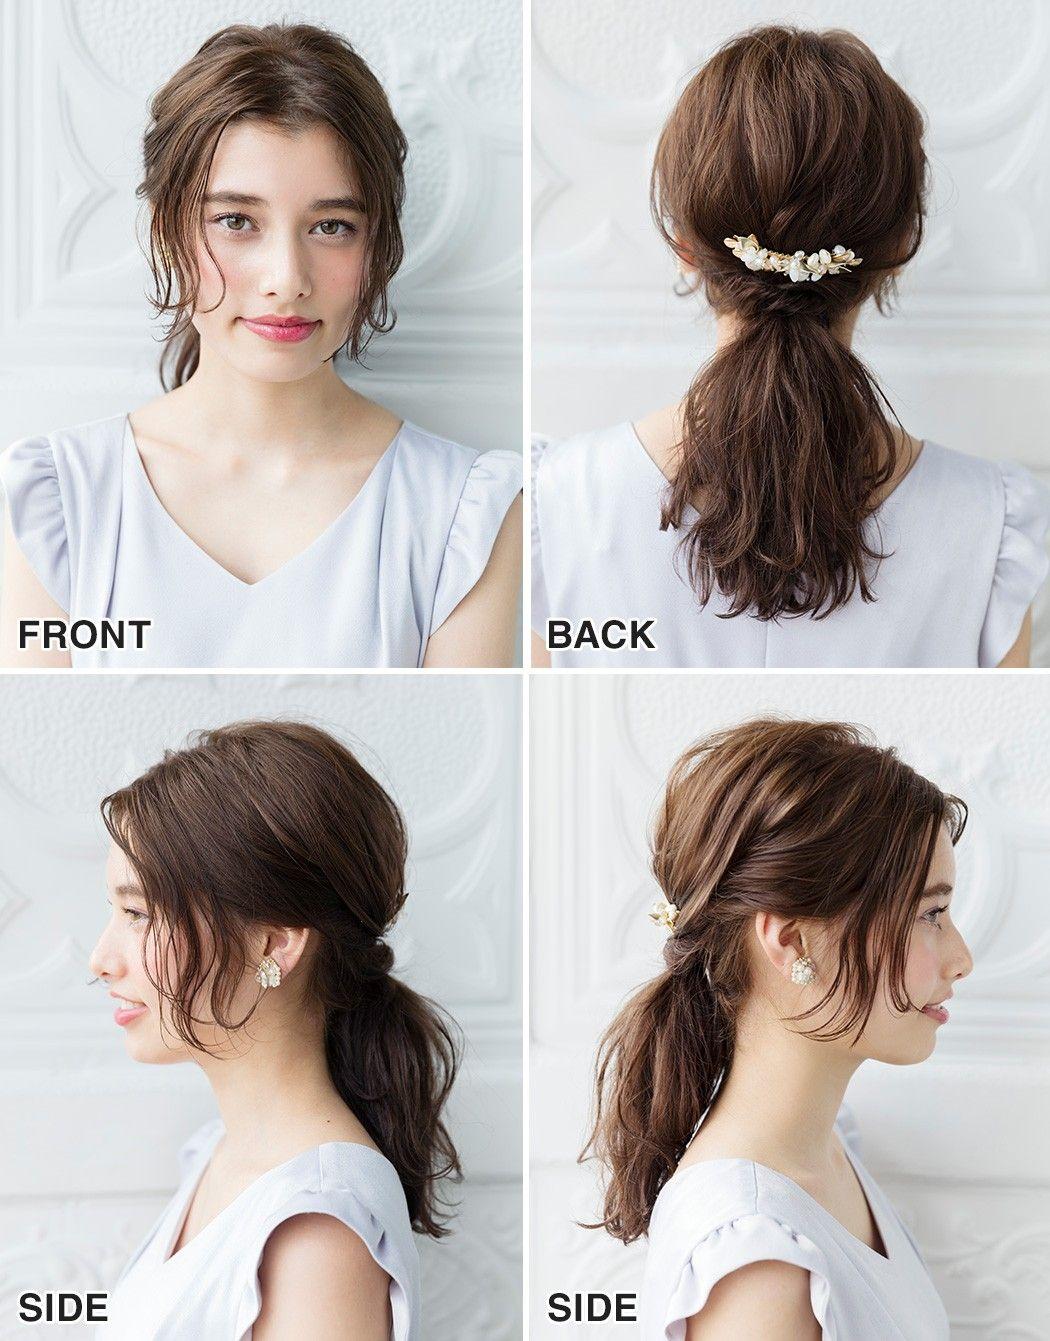 後れ毛の出し方とトップの引き出し方で ひとつ結びがドレスアップ仕様